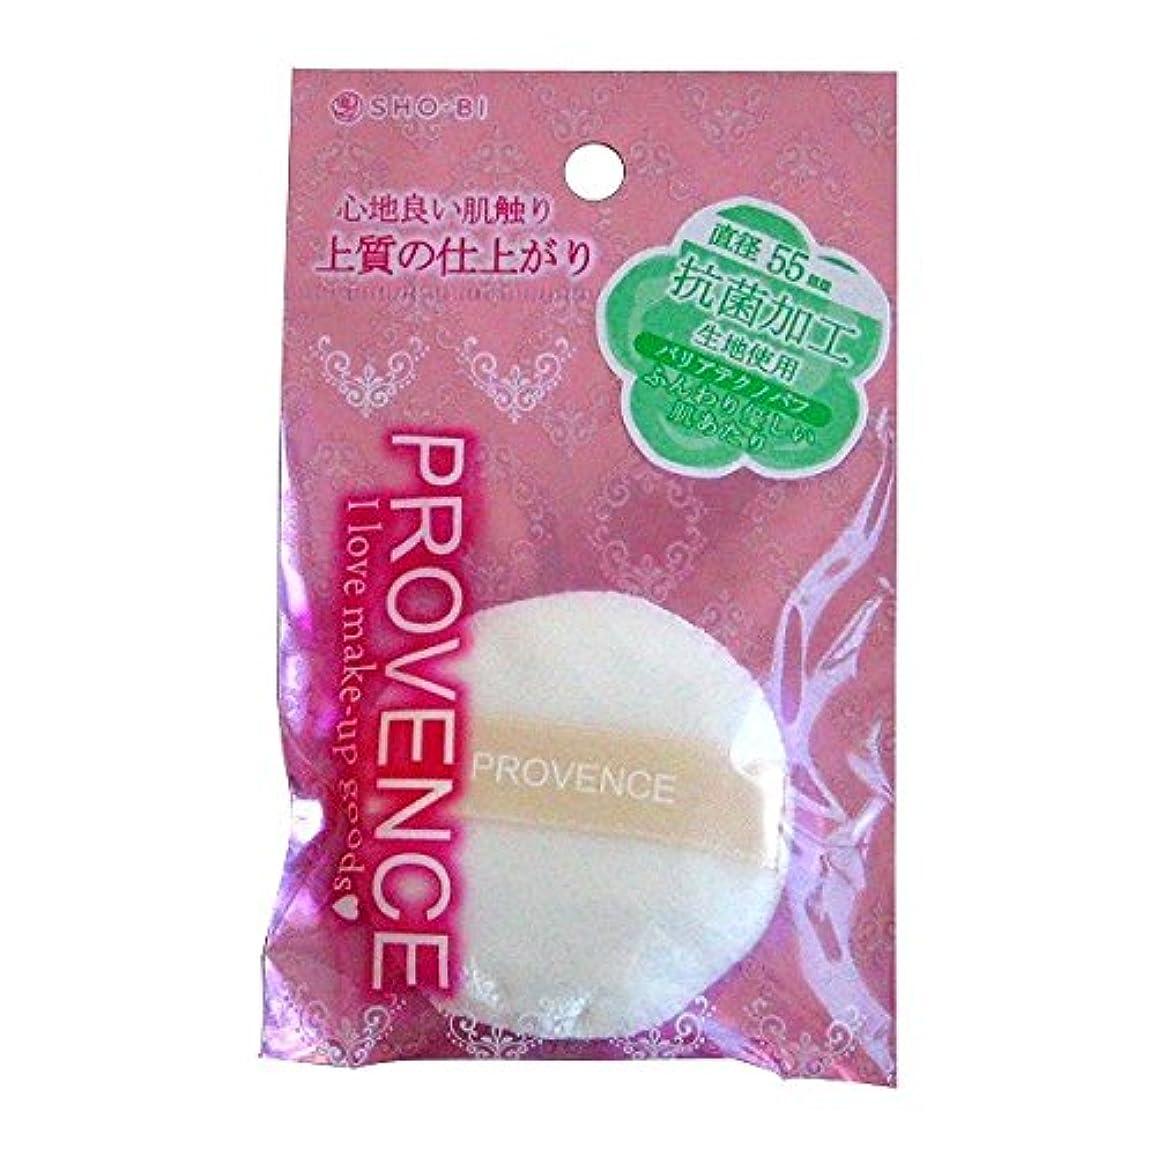 石化する蓮ぬるいPROVENCE(プロヴァンス) バリアテクノパフ SPV70153